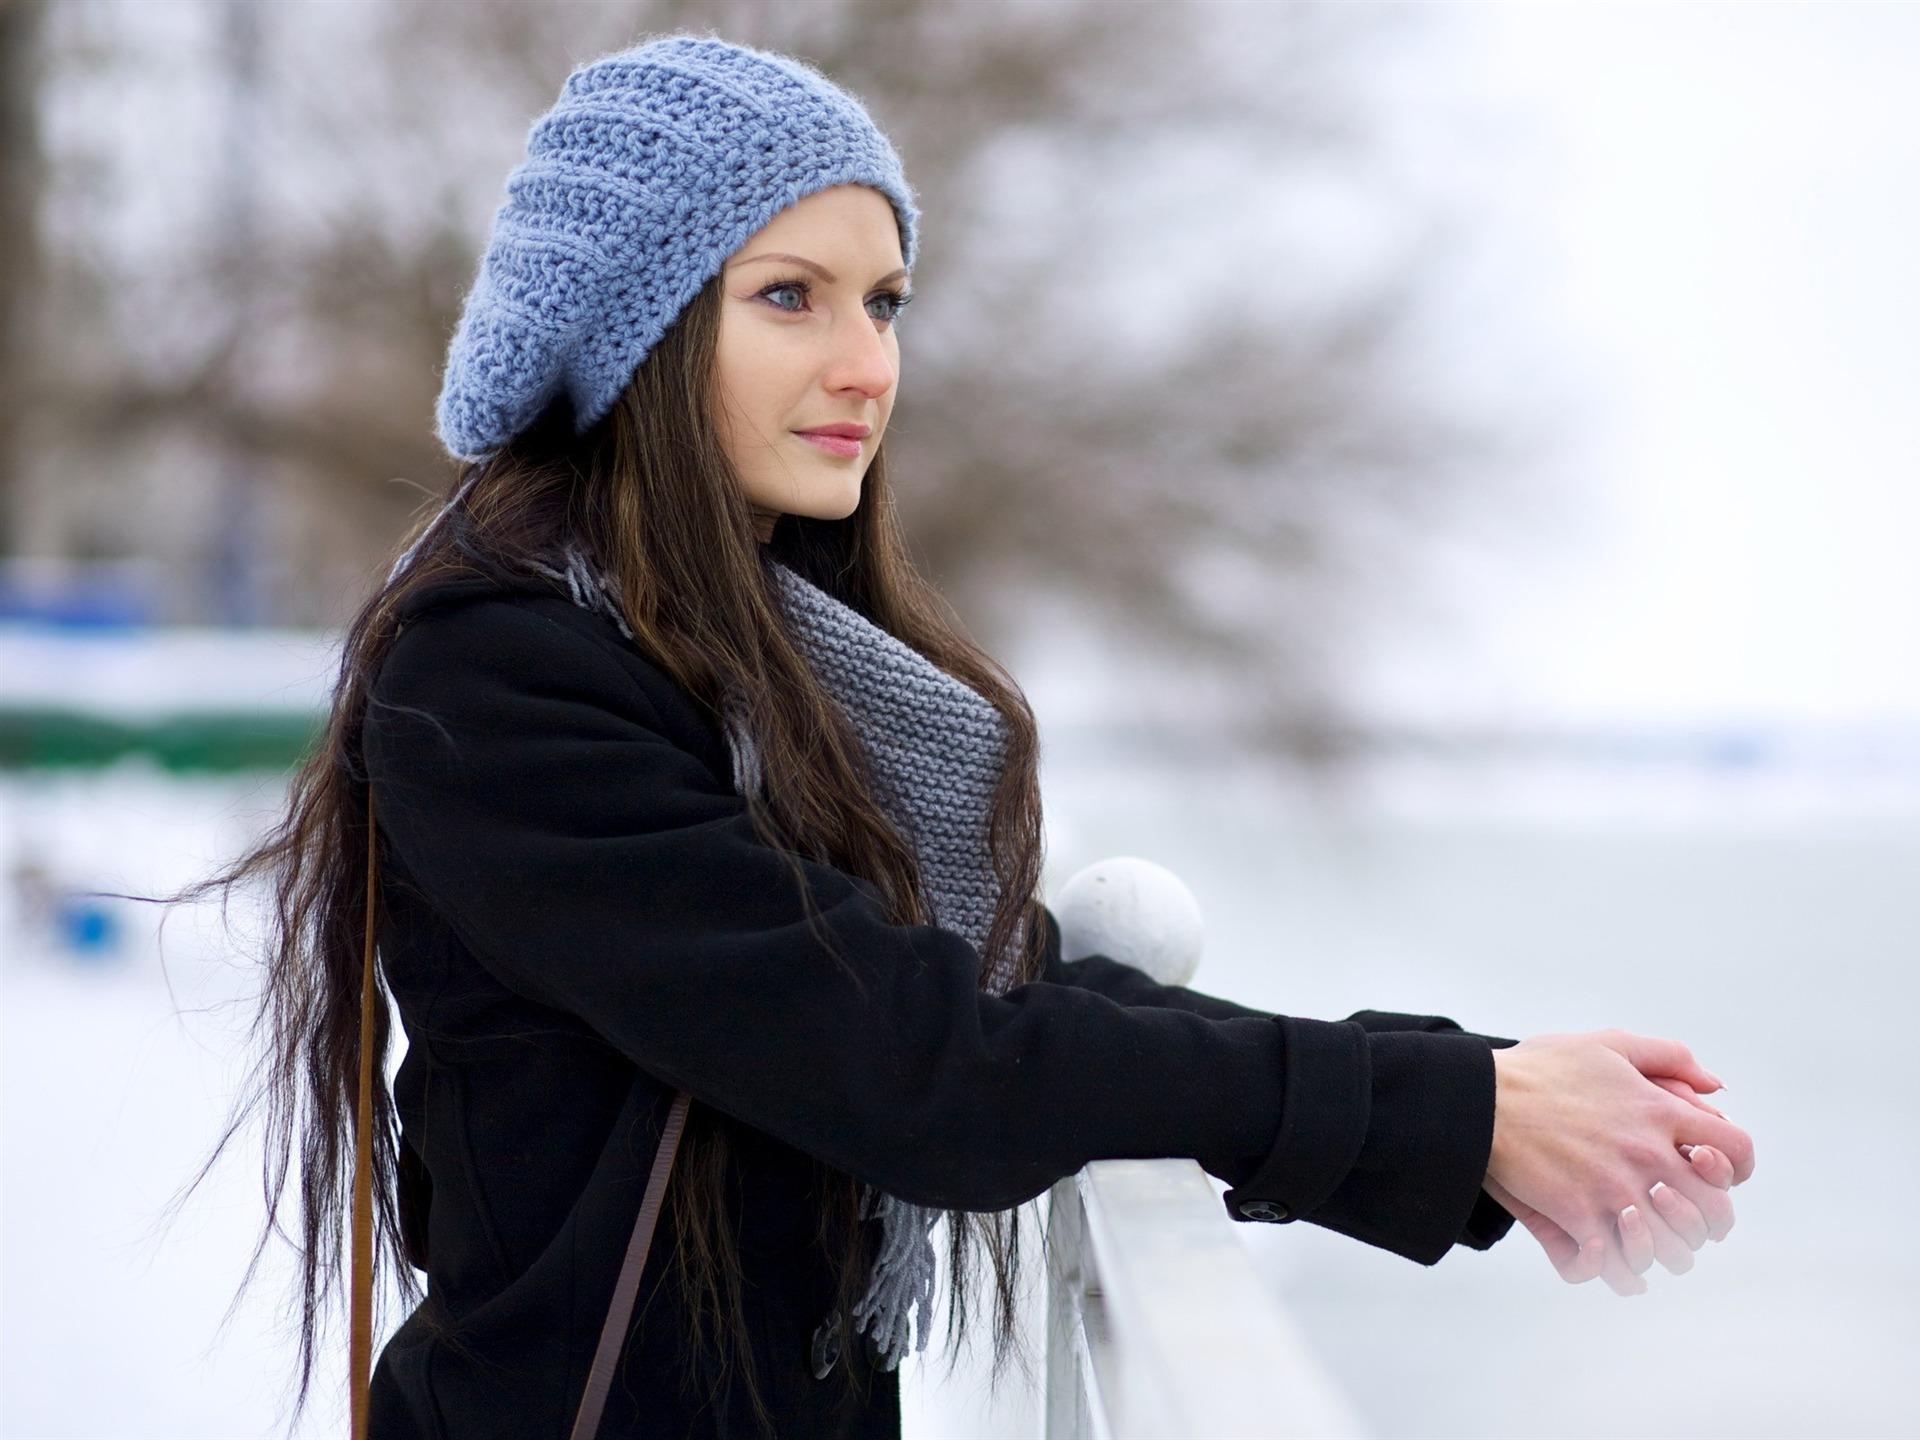 可愛冬季女孩  圖片桌布王 690